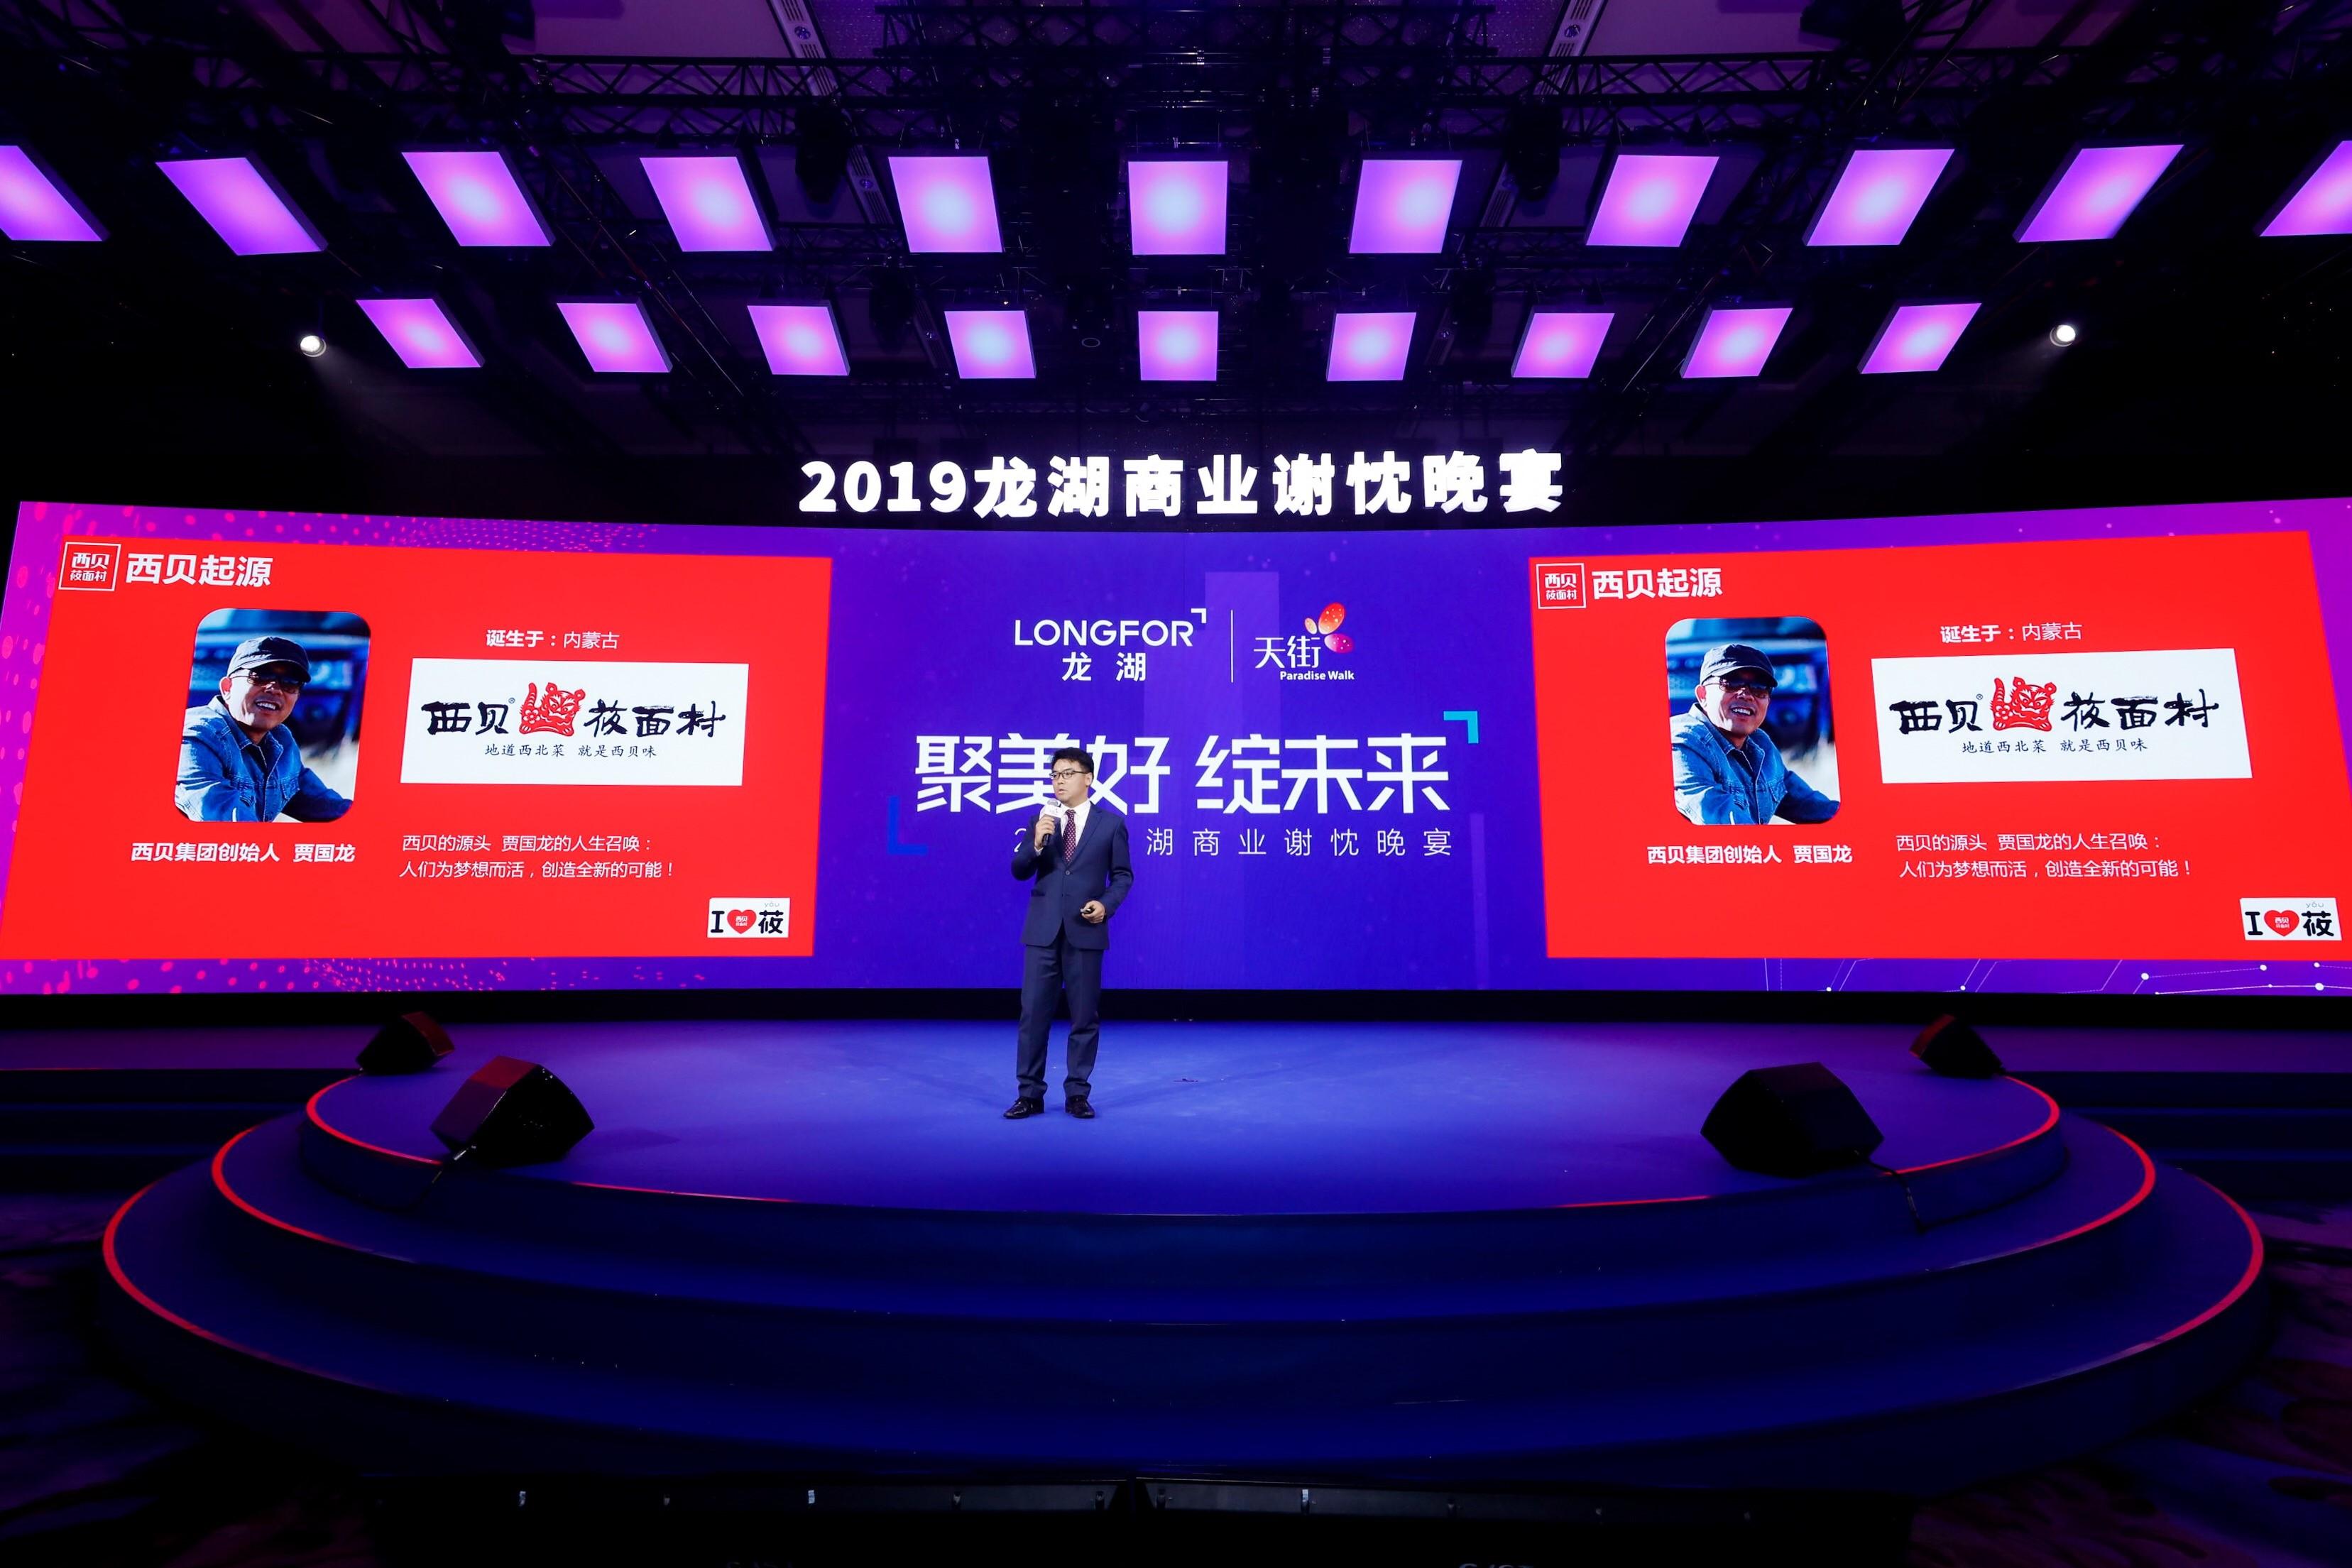 平博88网站商业于稳健中飞驰<br/>两年内再开业逾20个商场